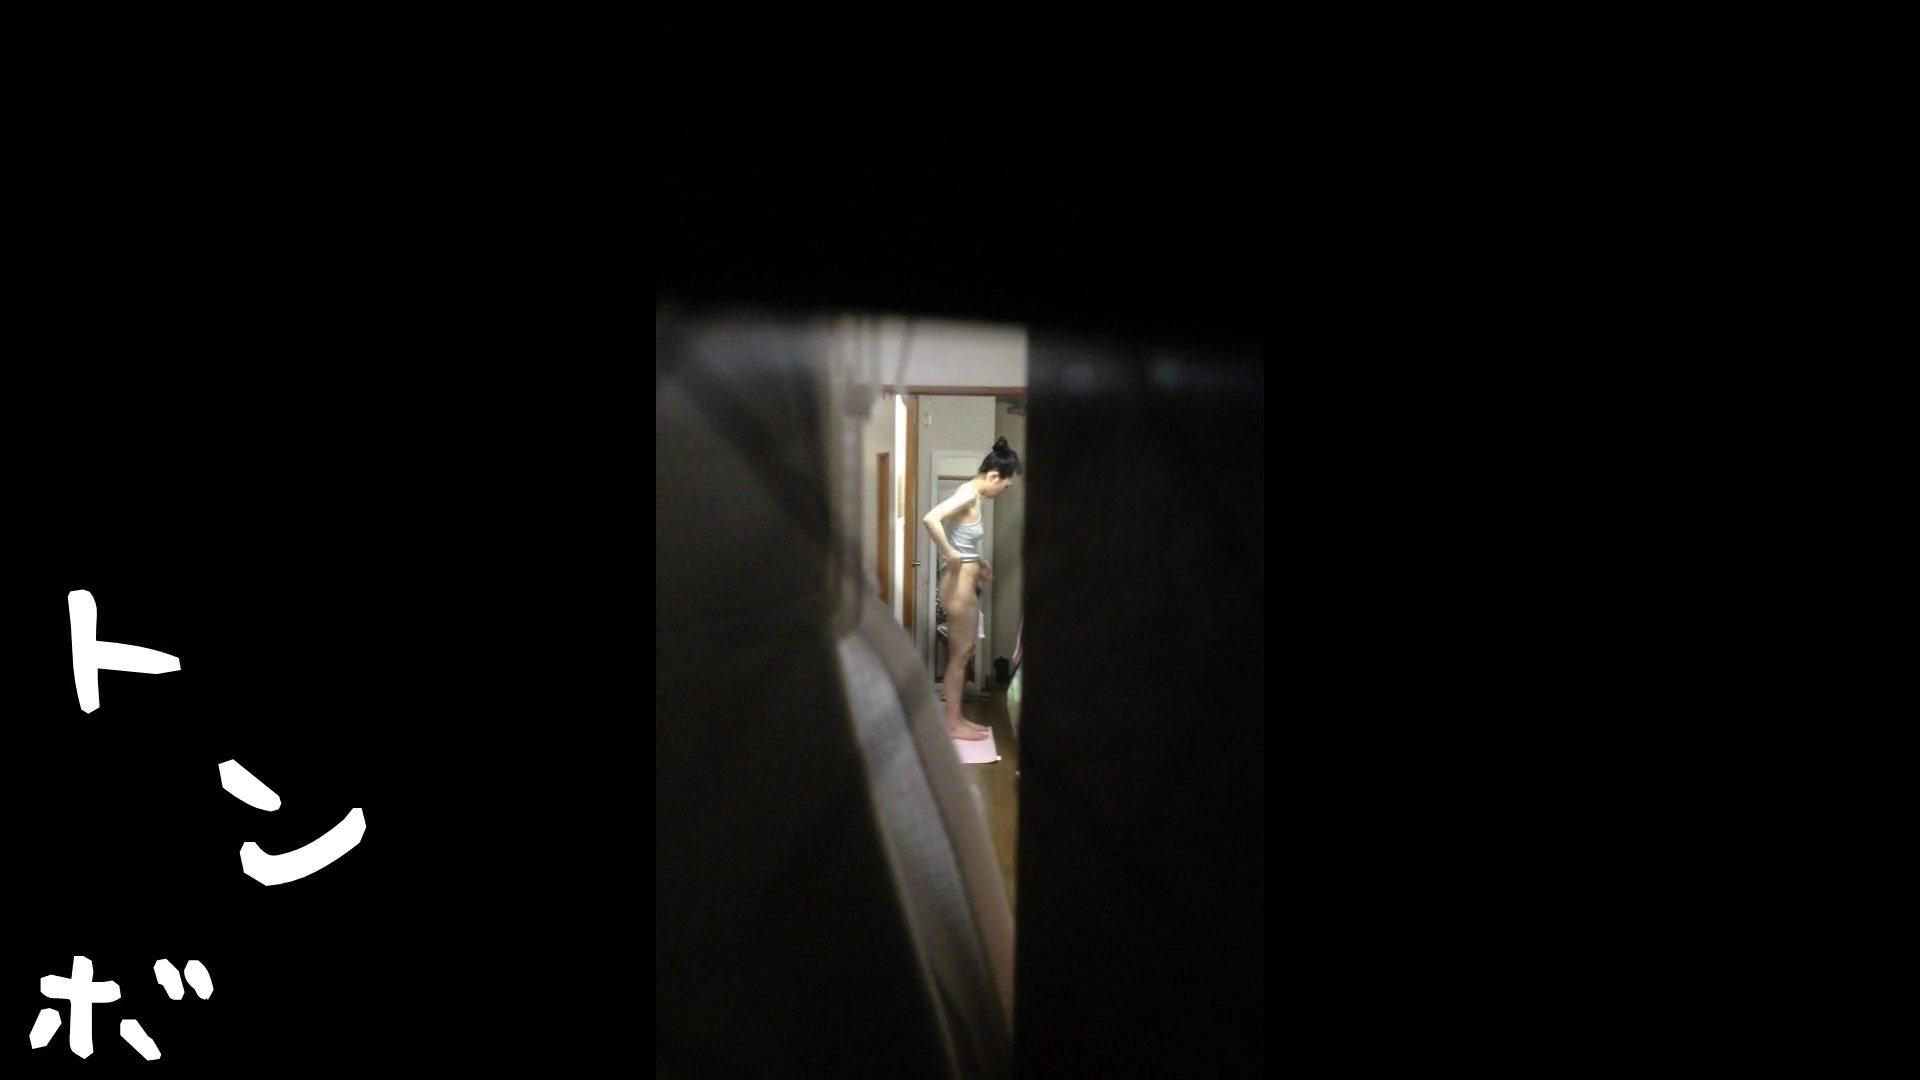 【リアル盗撮】元ジュディマリのYIUKI似 某歌手丸秘ヌード 潜入エロ調査   美女達のヌード  61連発 54